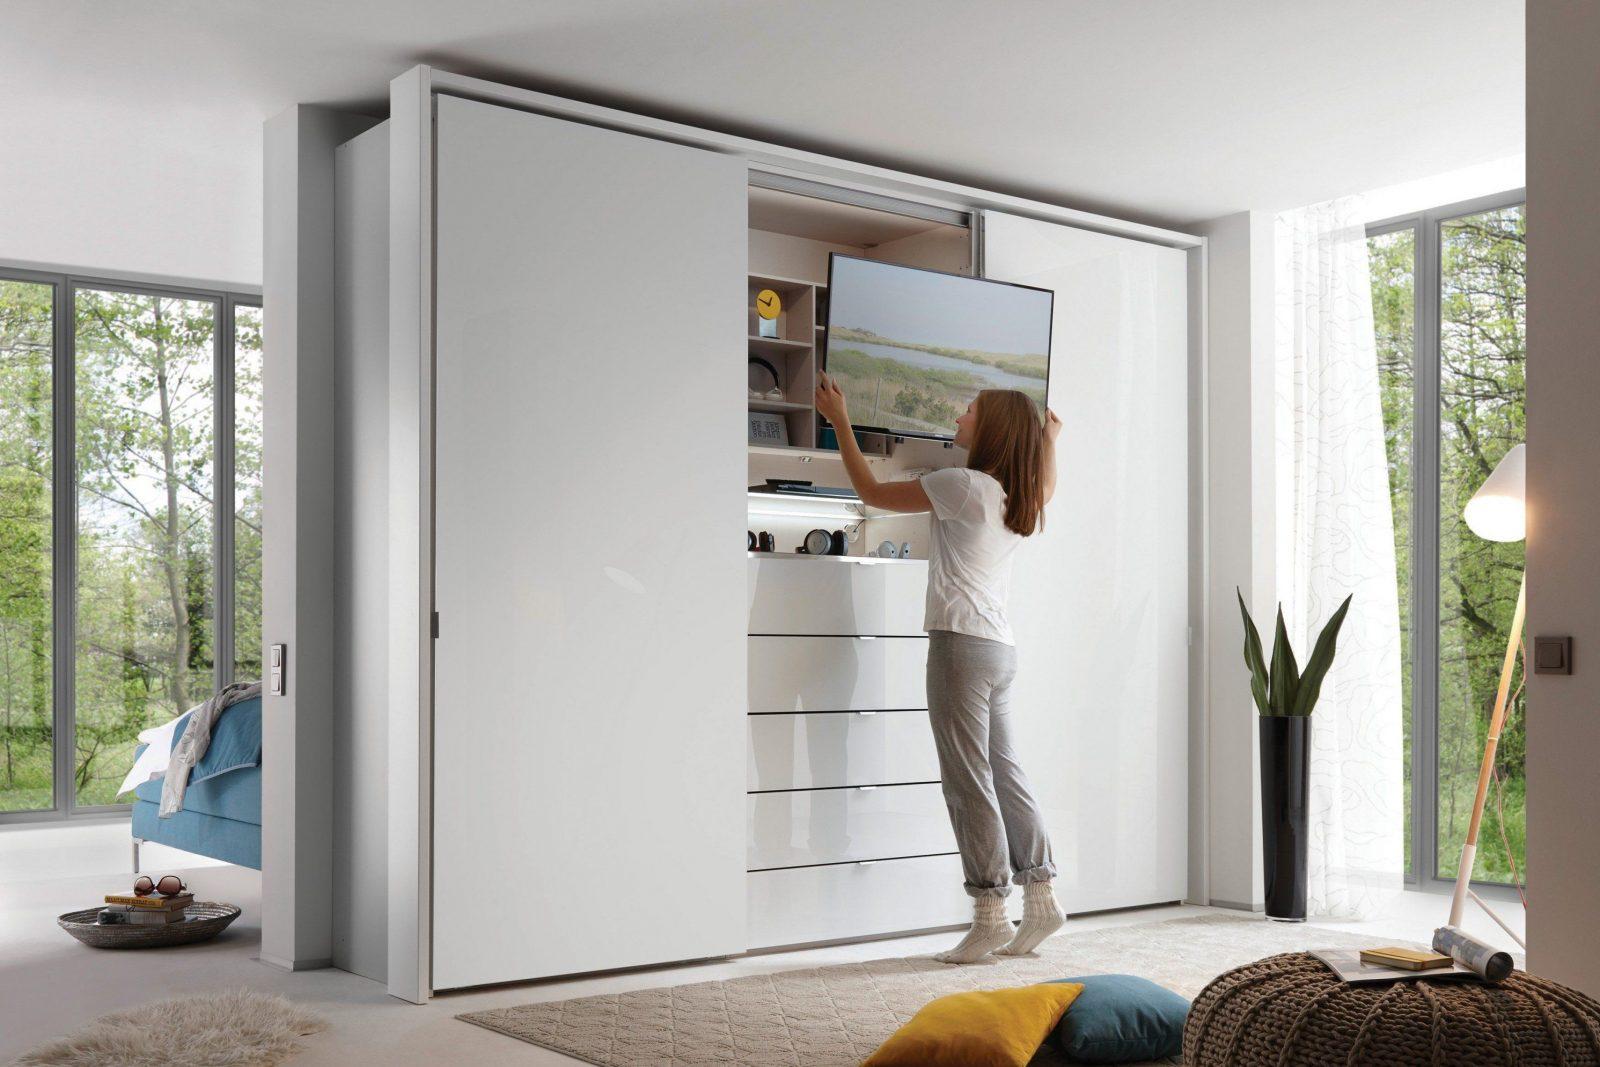 Staud Media Kleiderschrank Alpinweiß  Möbel Letz  Ihr Onlineshop von Schrank Mit Tv Fach Bild